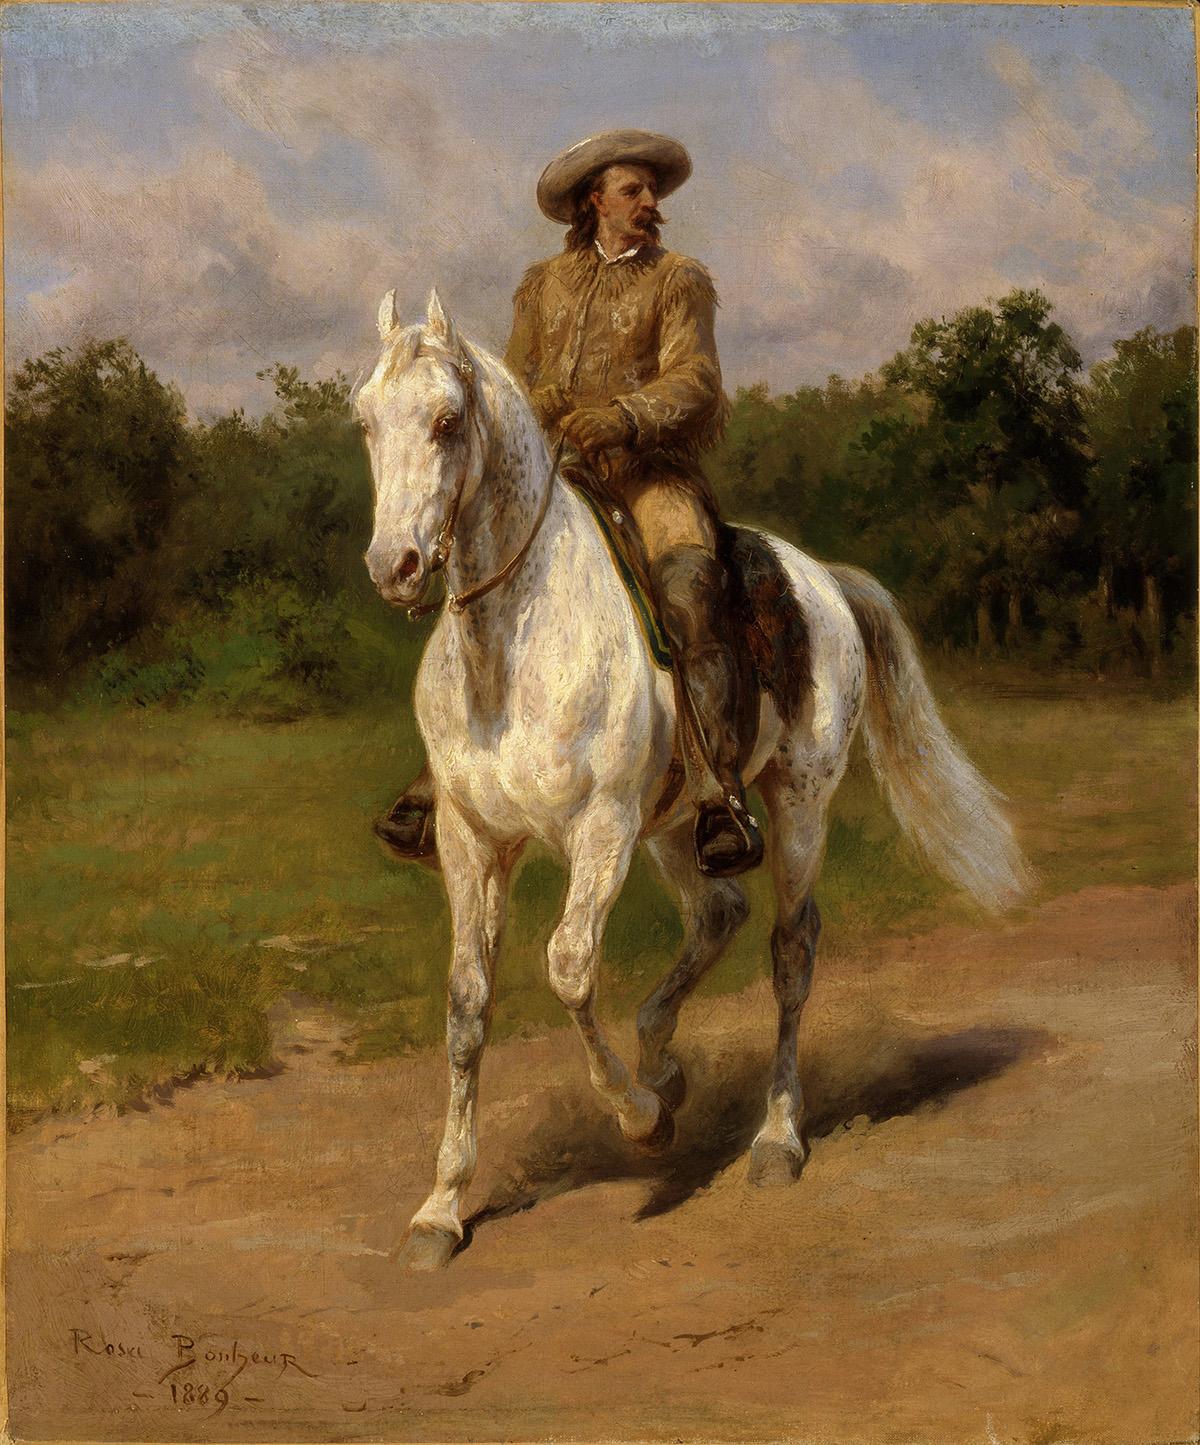 Col. William F. Cody (Buffalo Bill) - Rosa Bonheur, 1889 - Dominio público